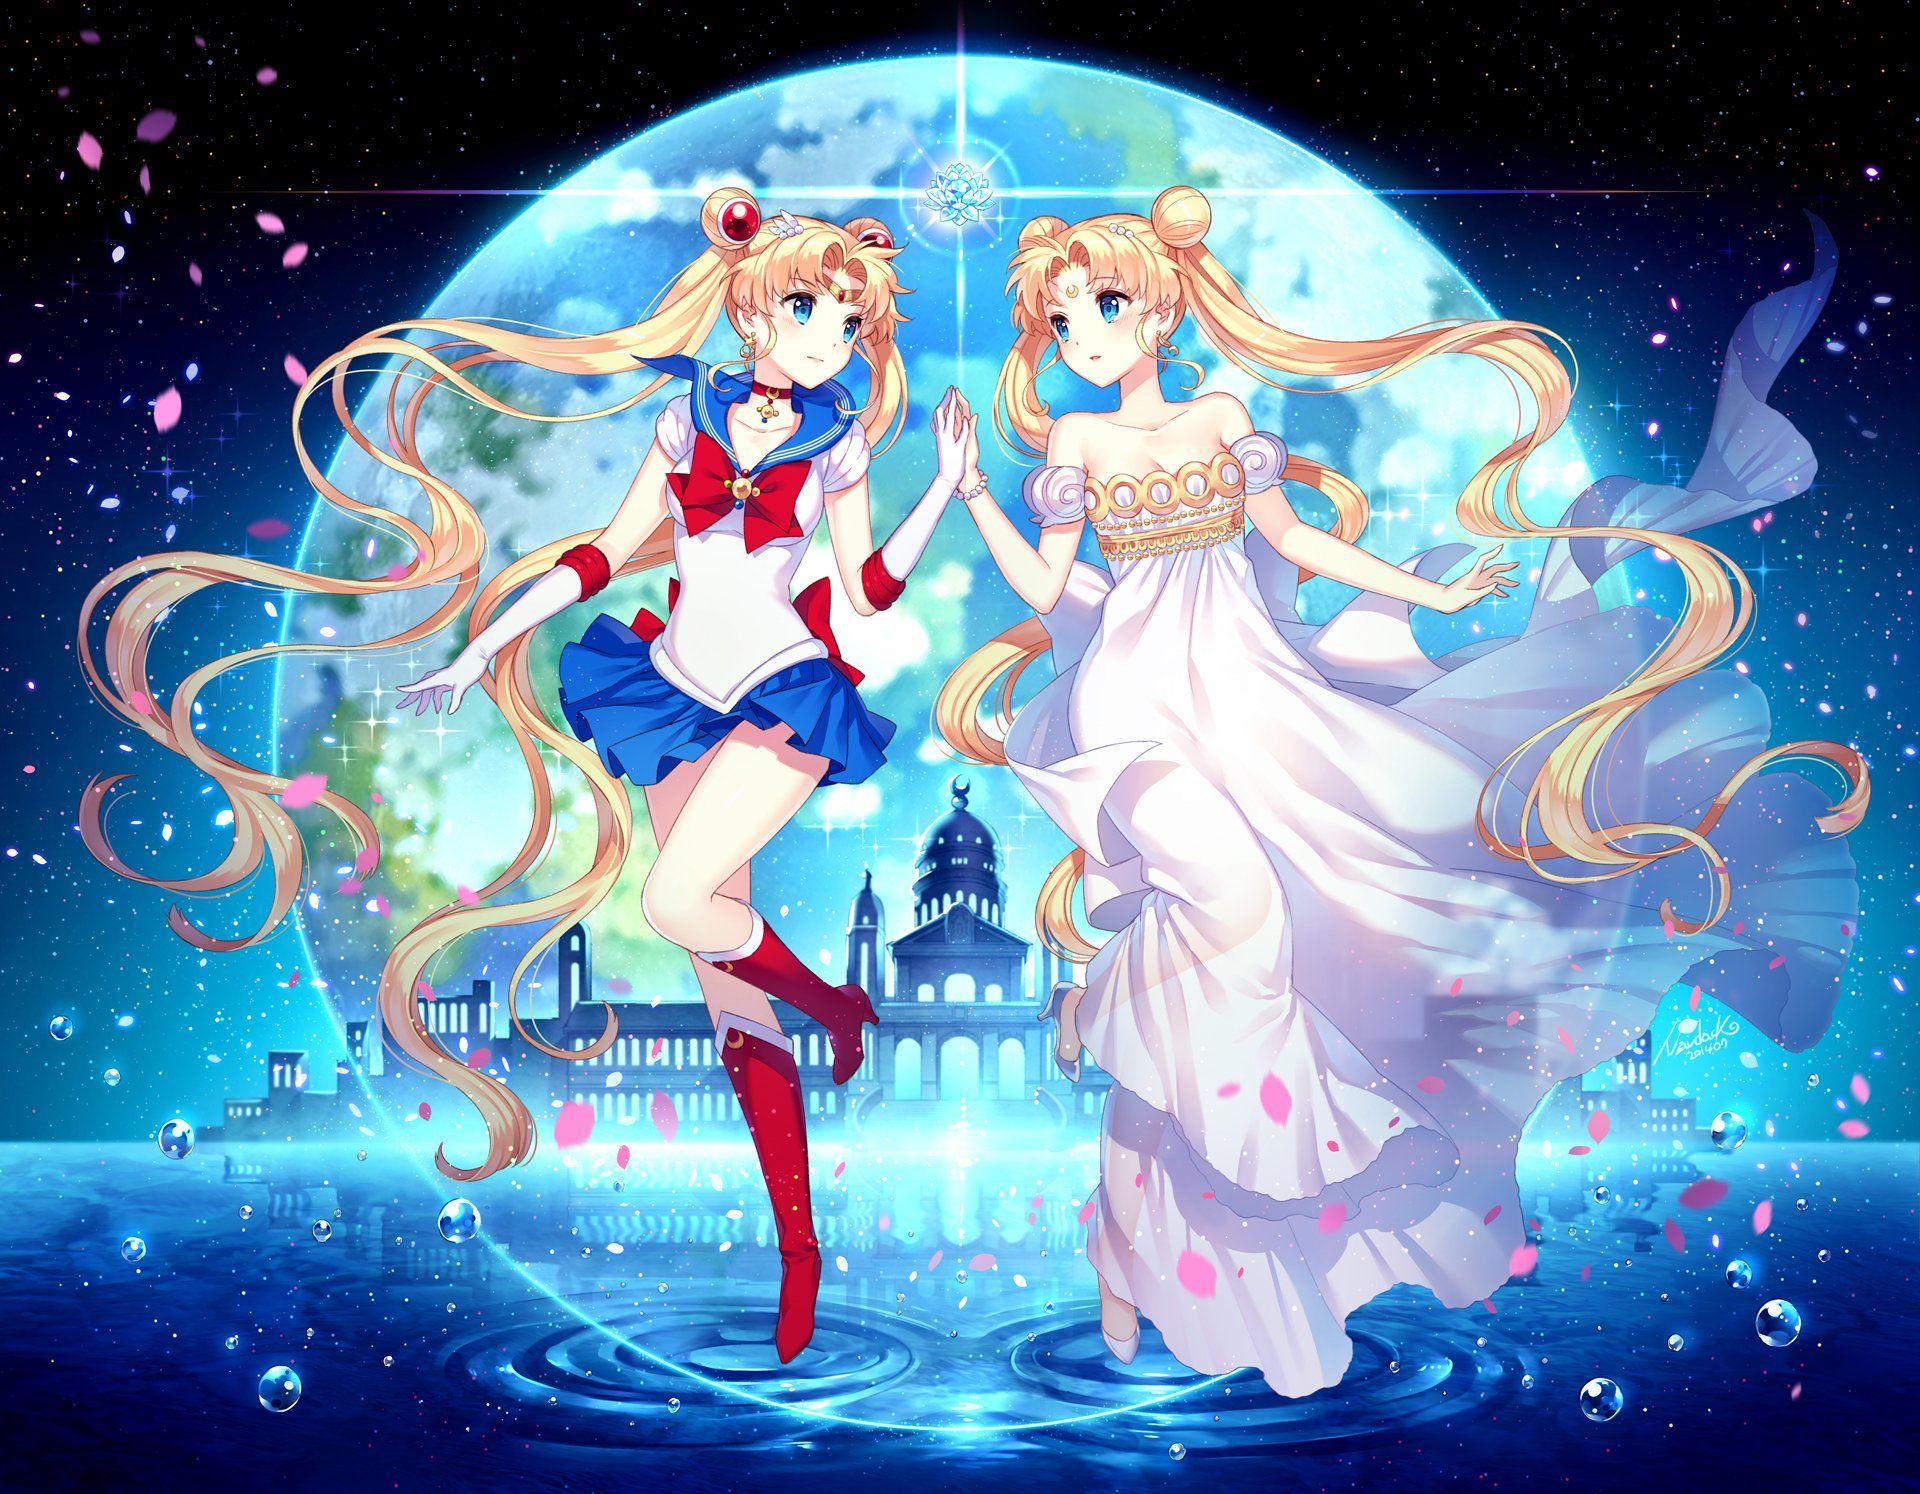 日本动漫《美女生战士》高清壁纸图片少女家境良好的图片